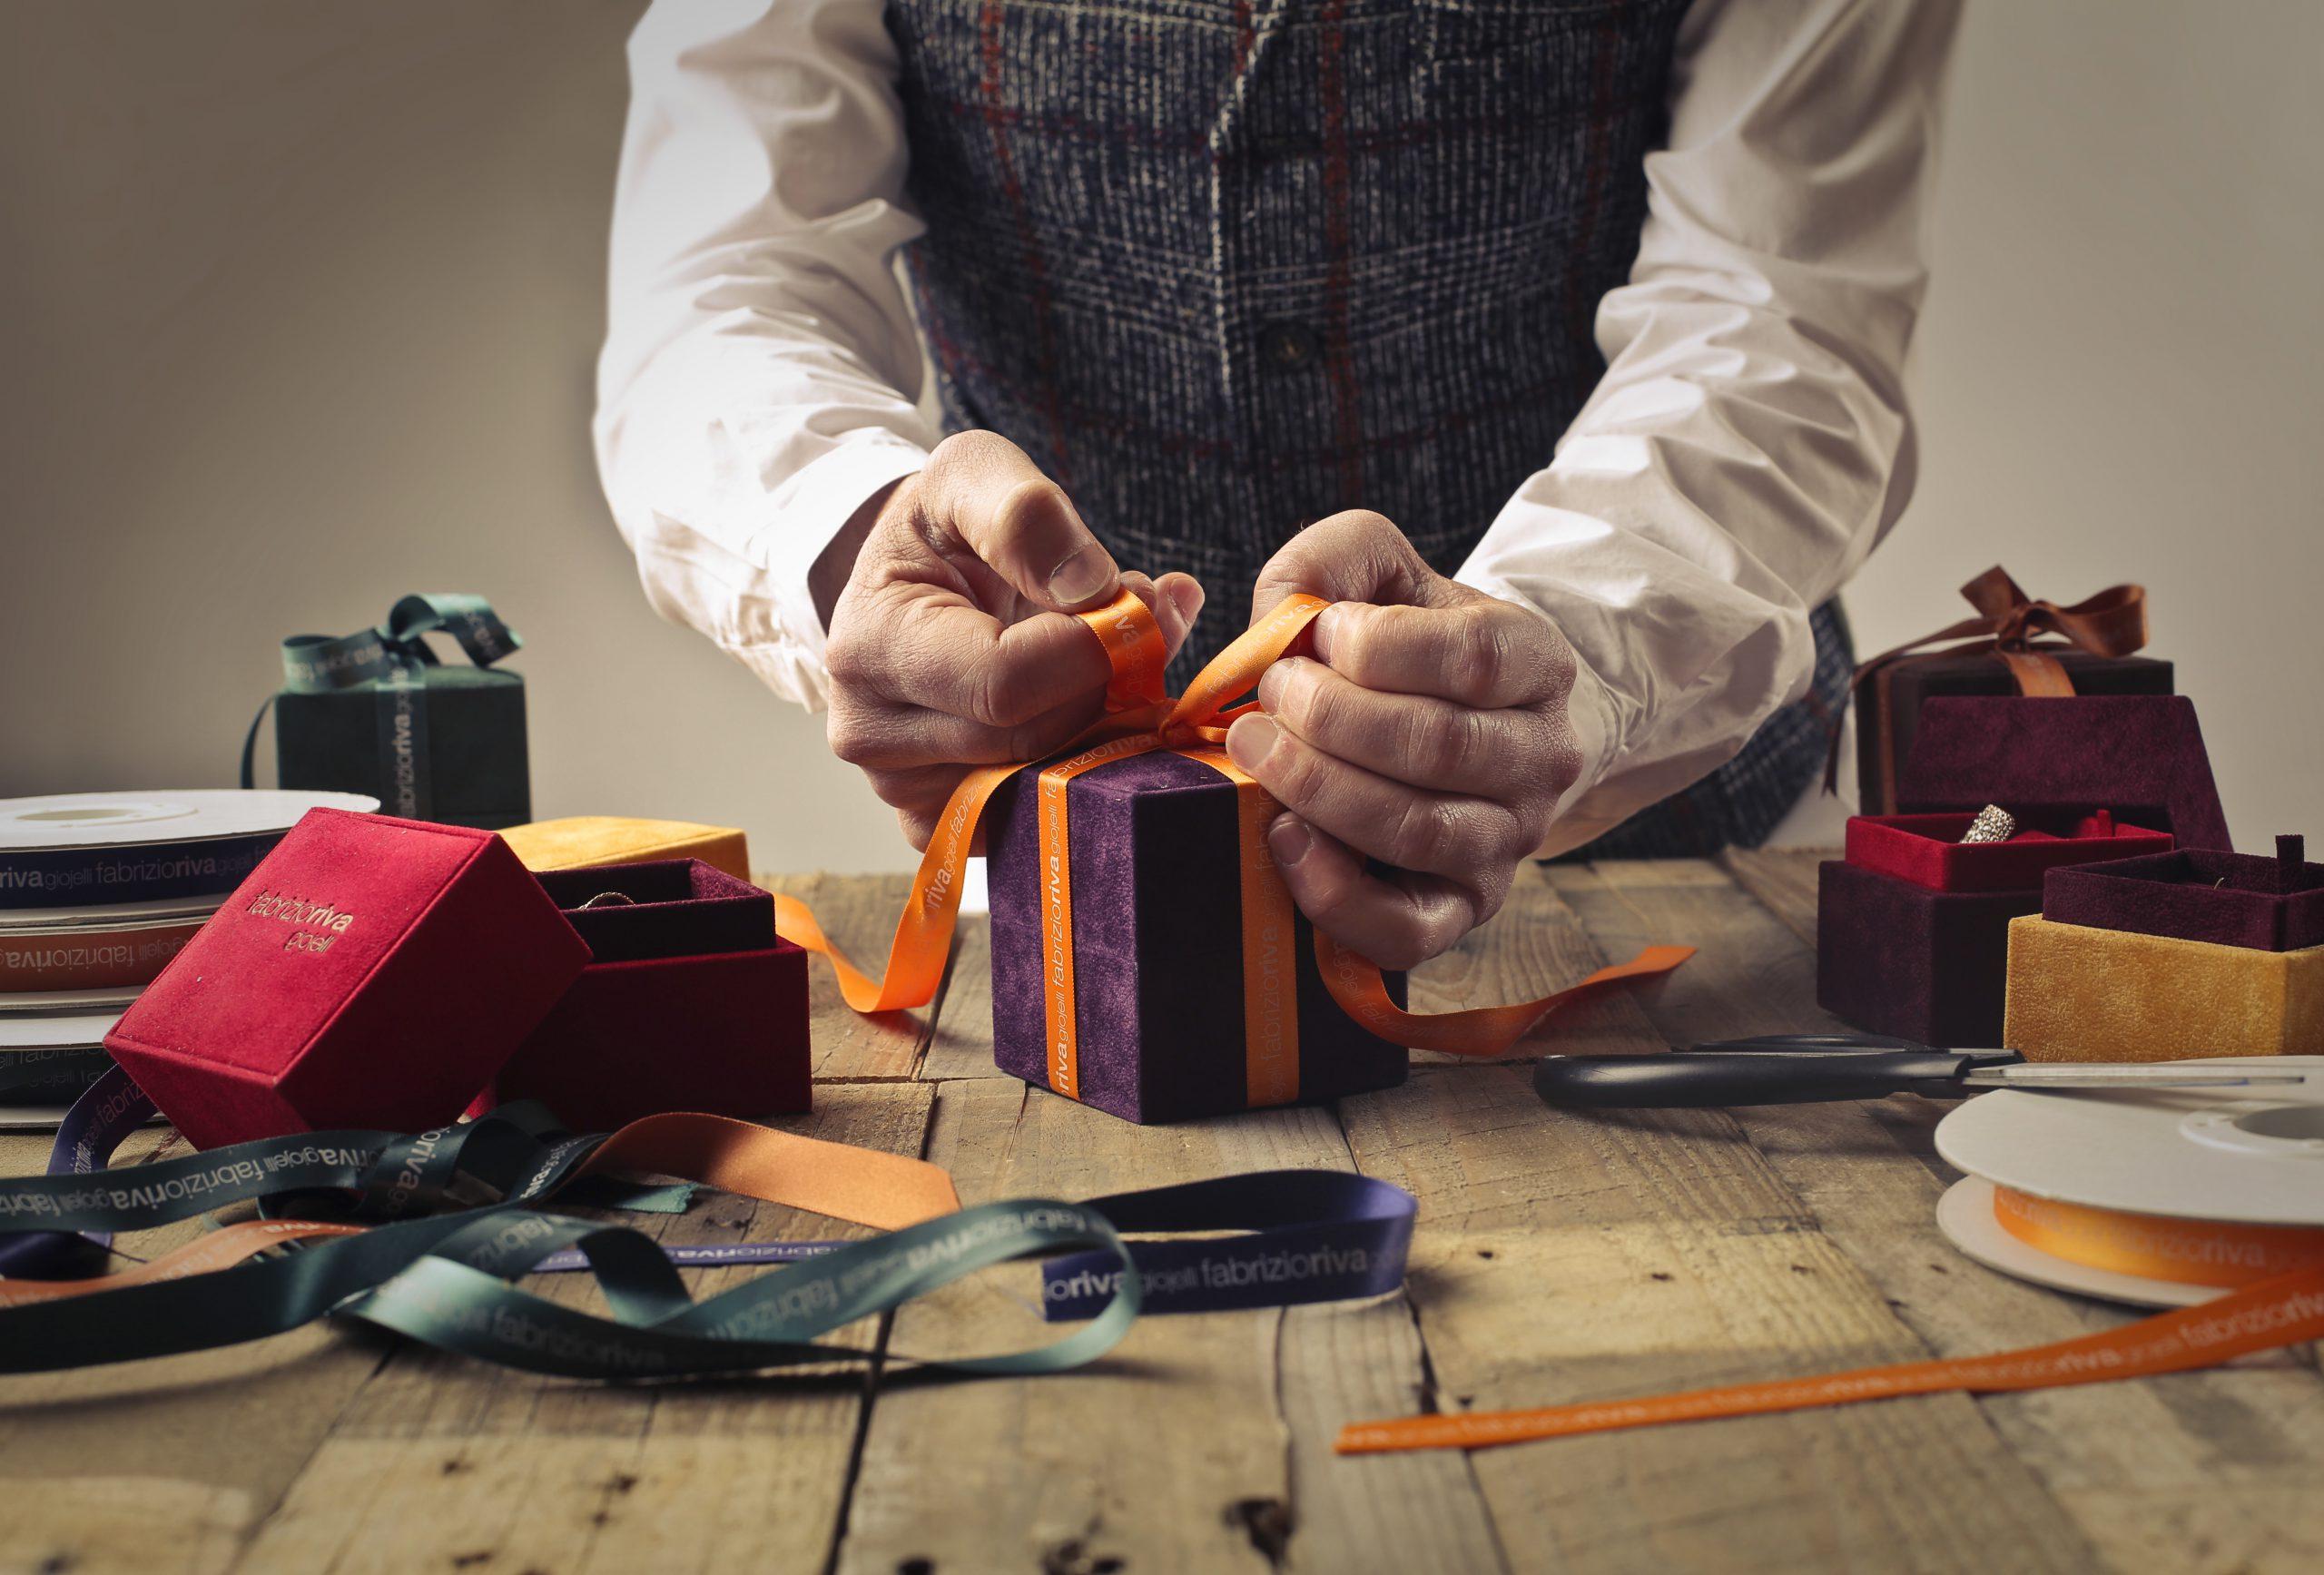 Feiertagsvorbereitungen – Upgraden Sie jetzt Ihr Bestandsmanagement